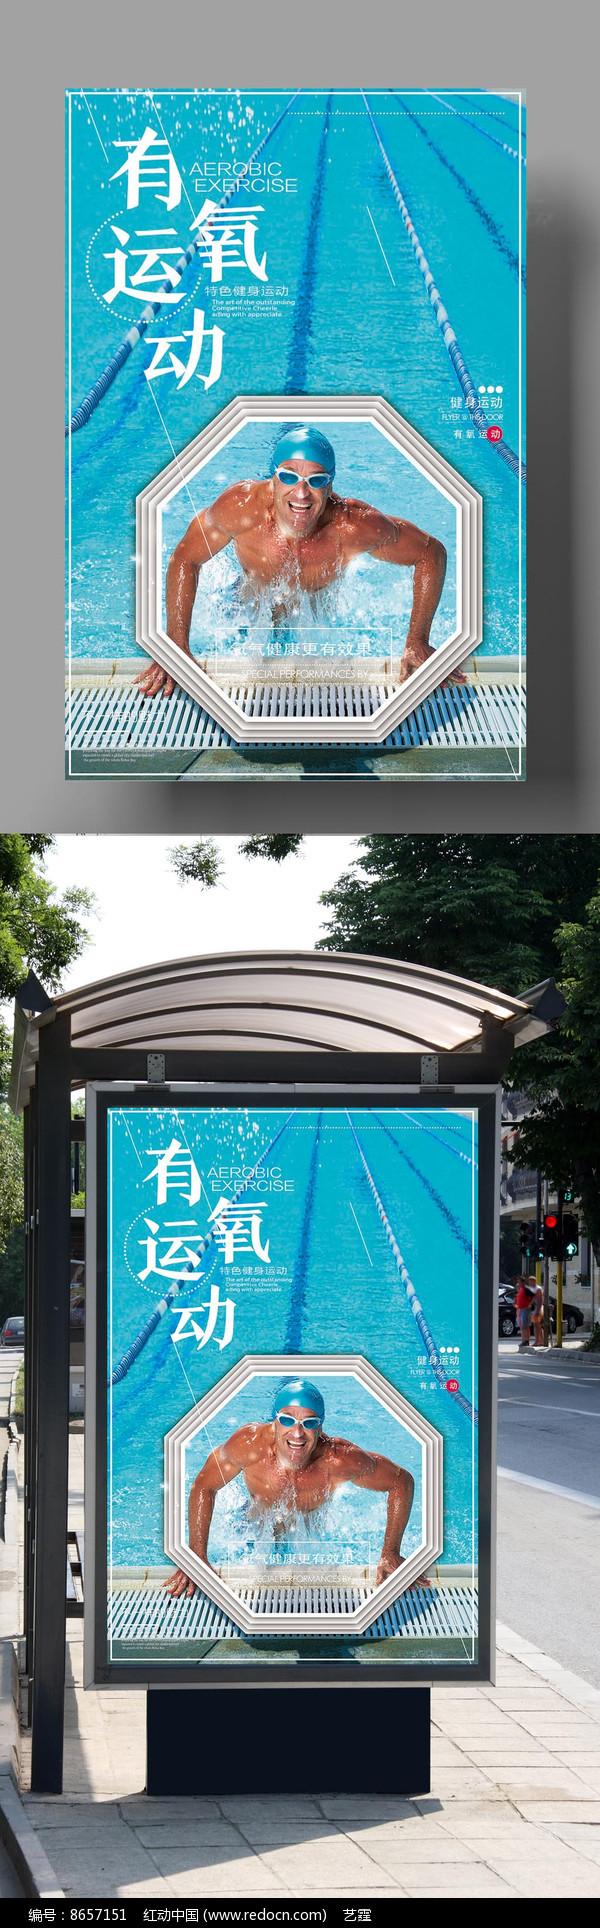 户外有氧运动游泳海报